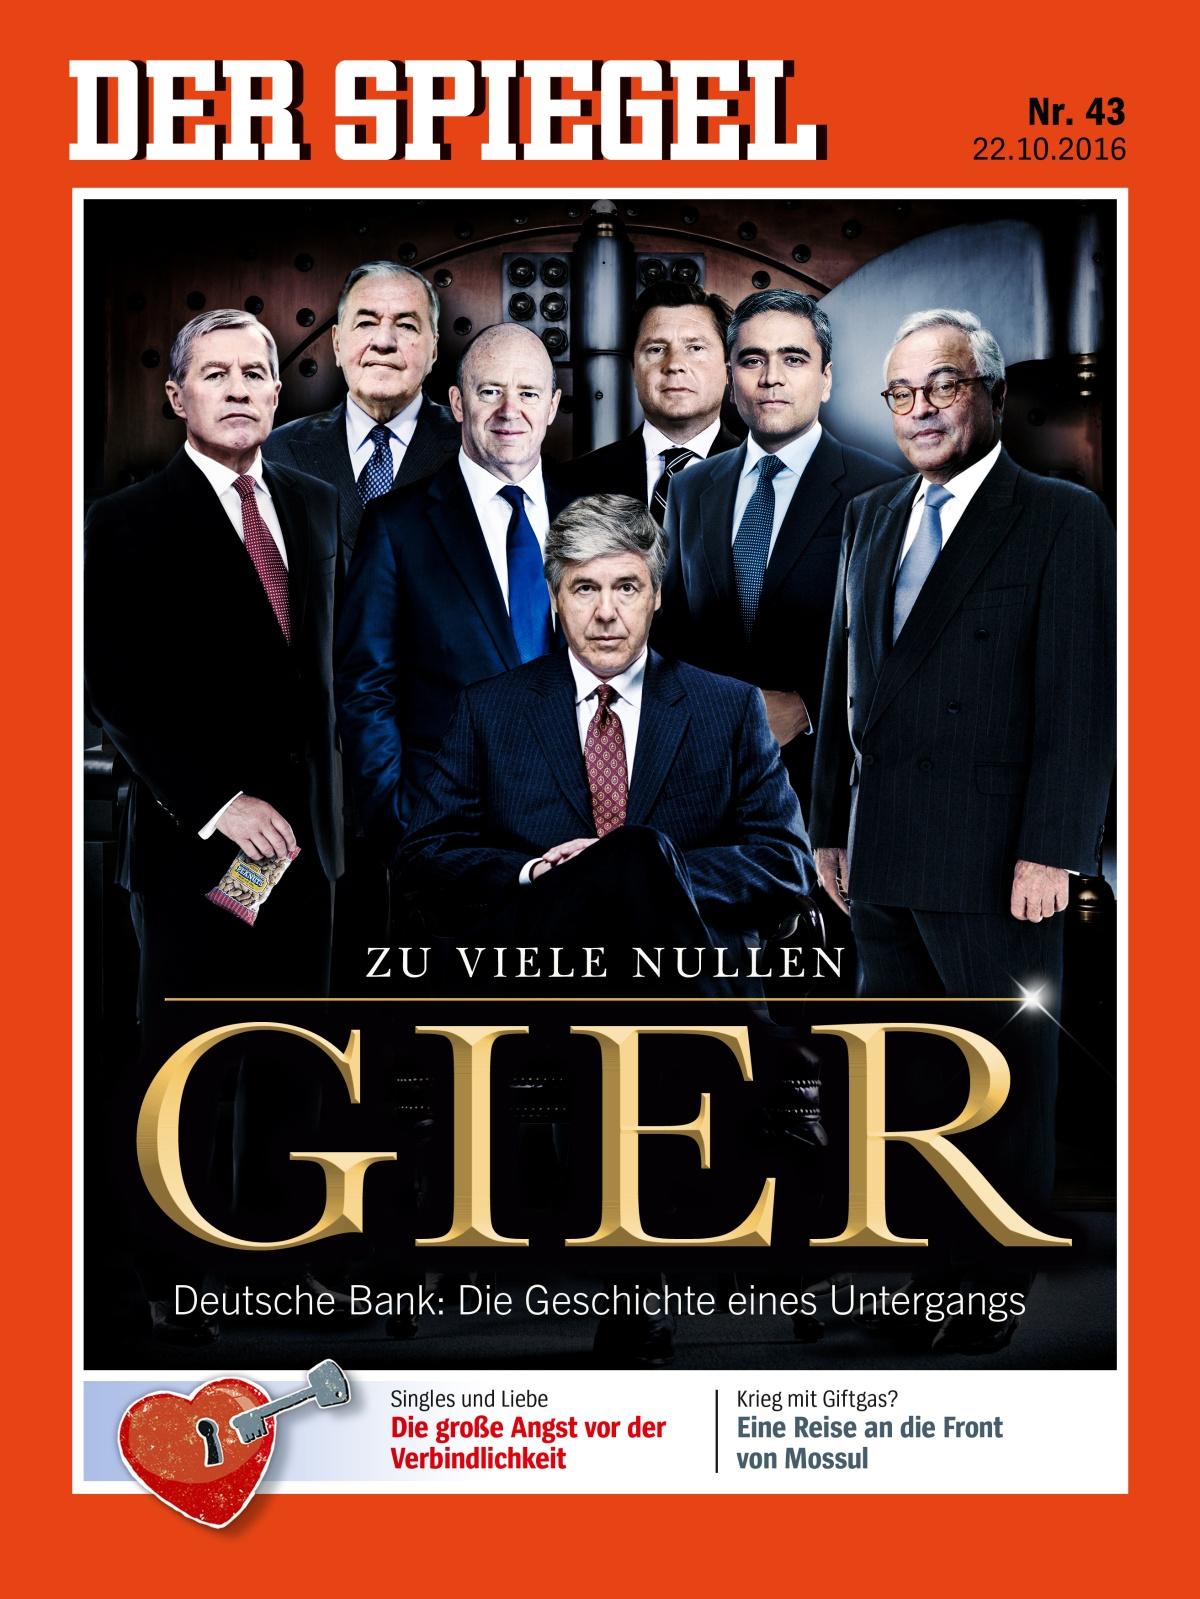 Aufstieg und fall der deutschen bank der spiegel 2016 43 for Spiegel jahresbestseller 2016